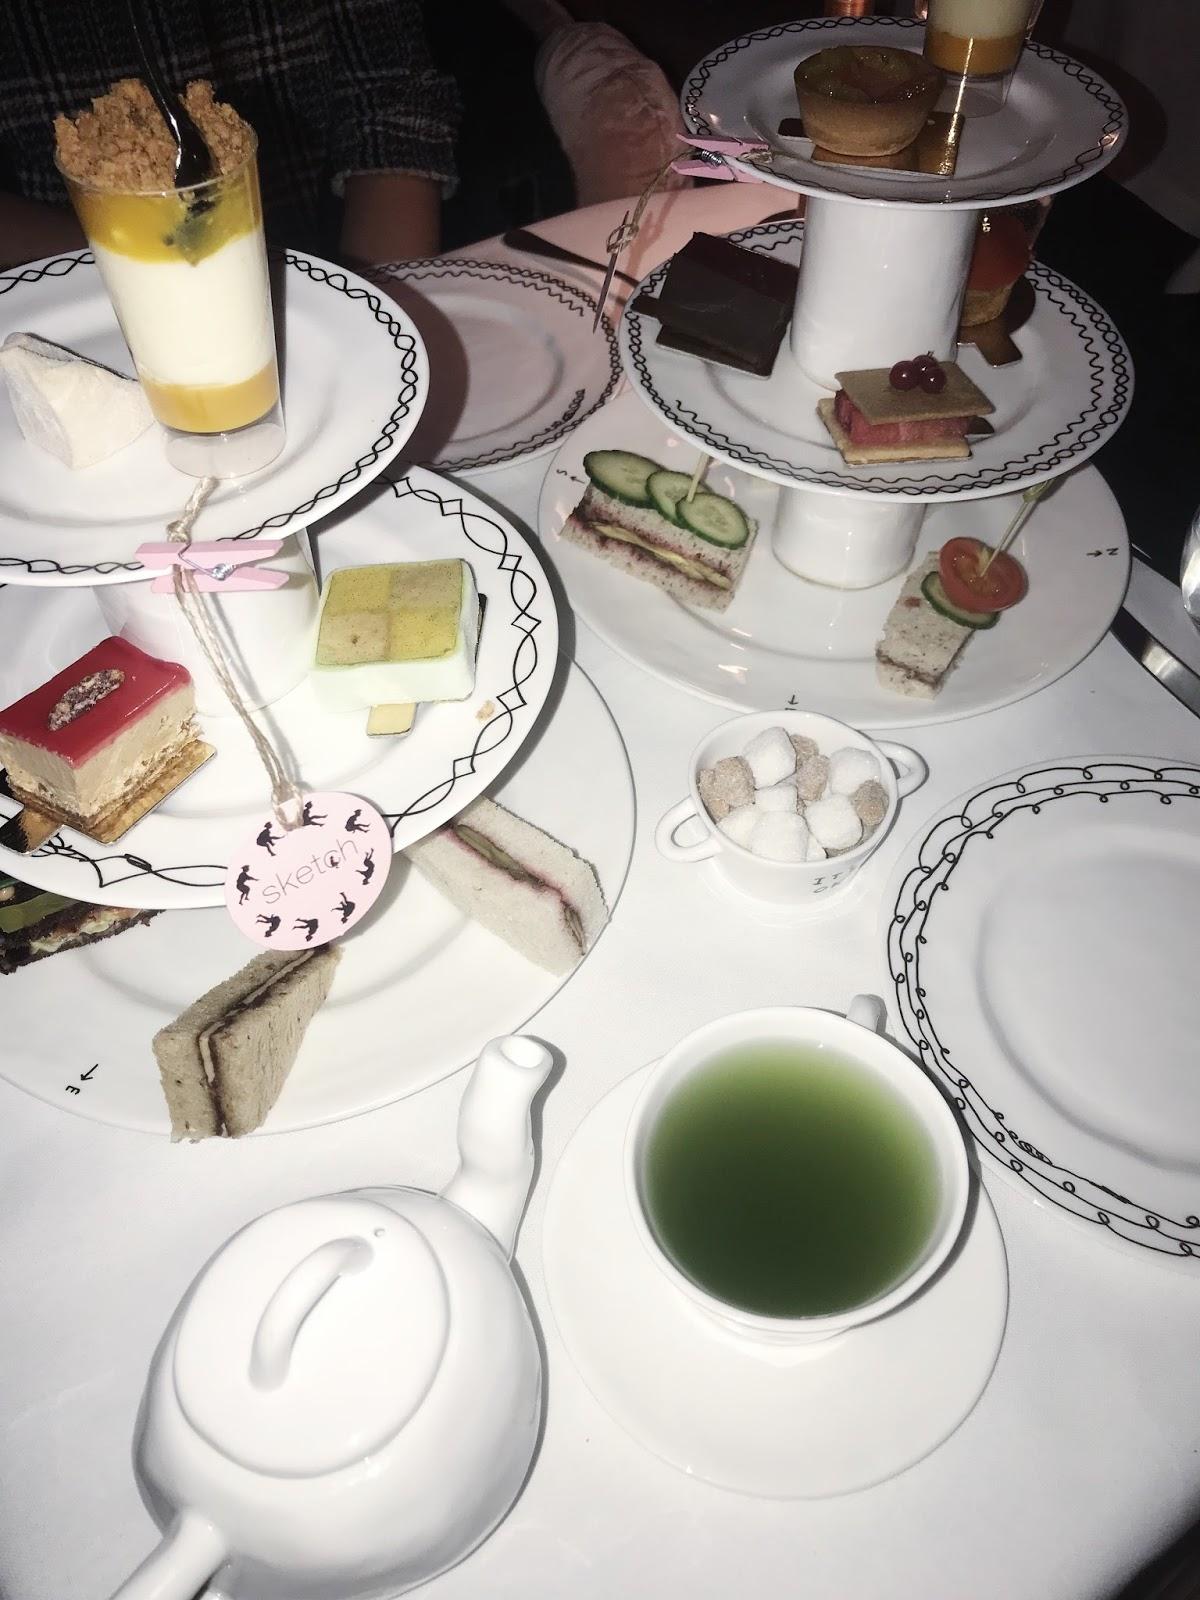 See London like a Mermaid: Breakfast + Afternoon Tea at Sketch